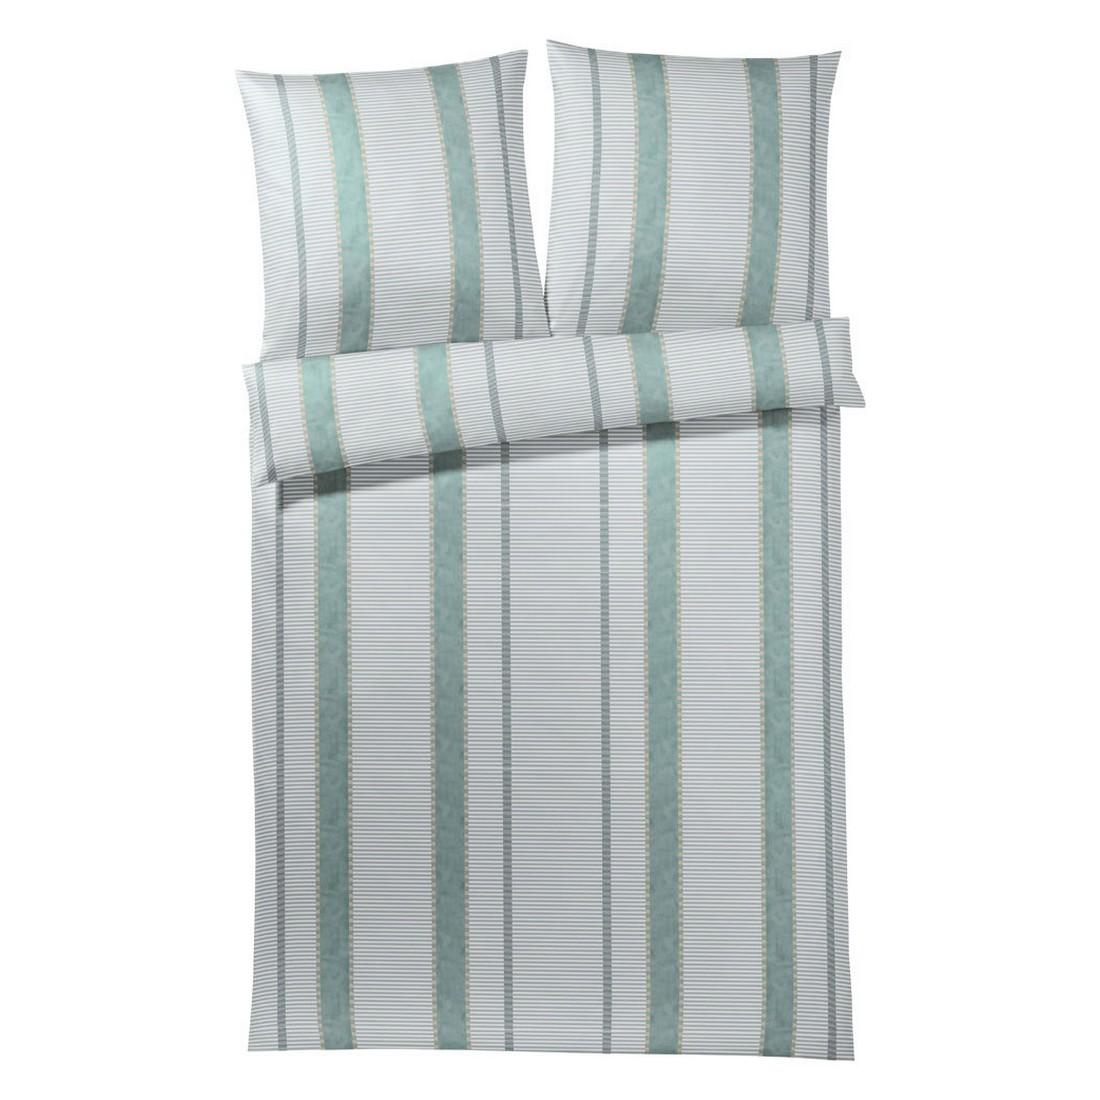 Bettwäsche Sila – Baumwolle/Mako-Satin – Jade/Grün – 135×200 cm + 80×80 cm, elegante jetzt bestellen